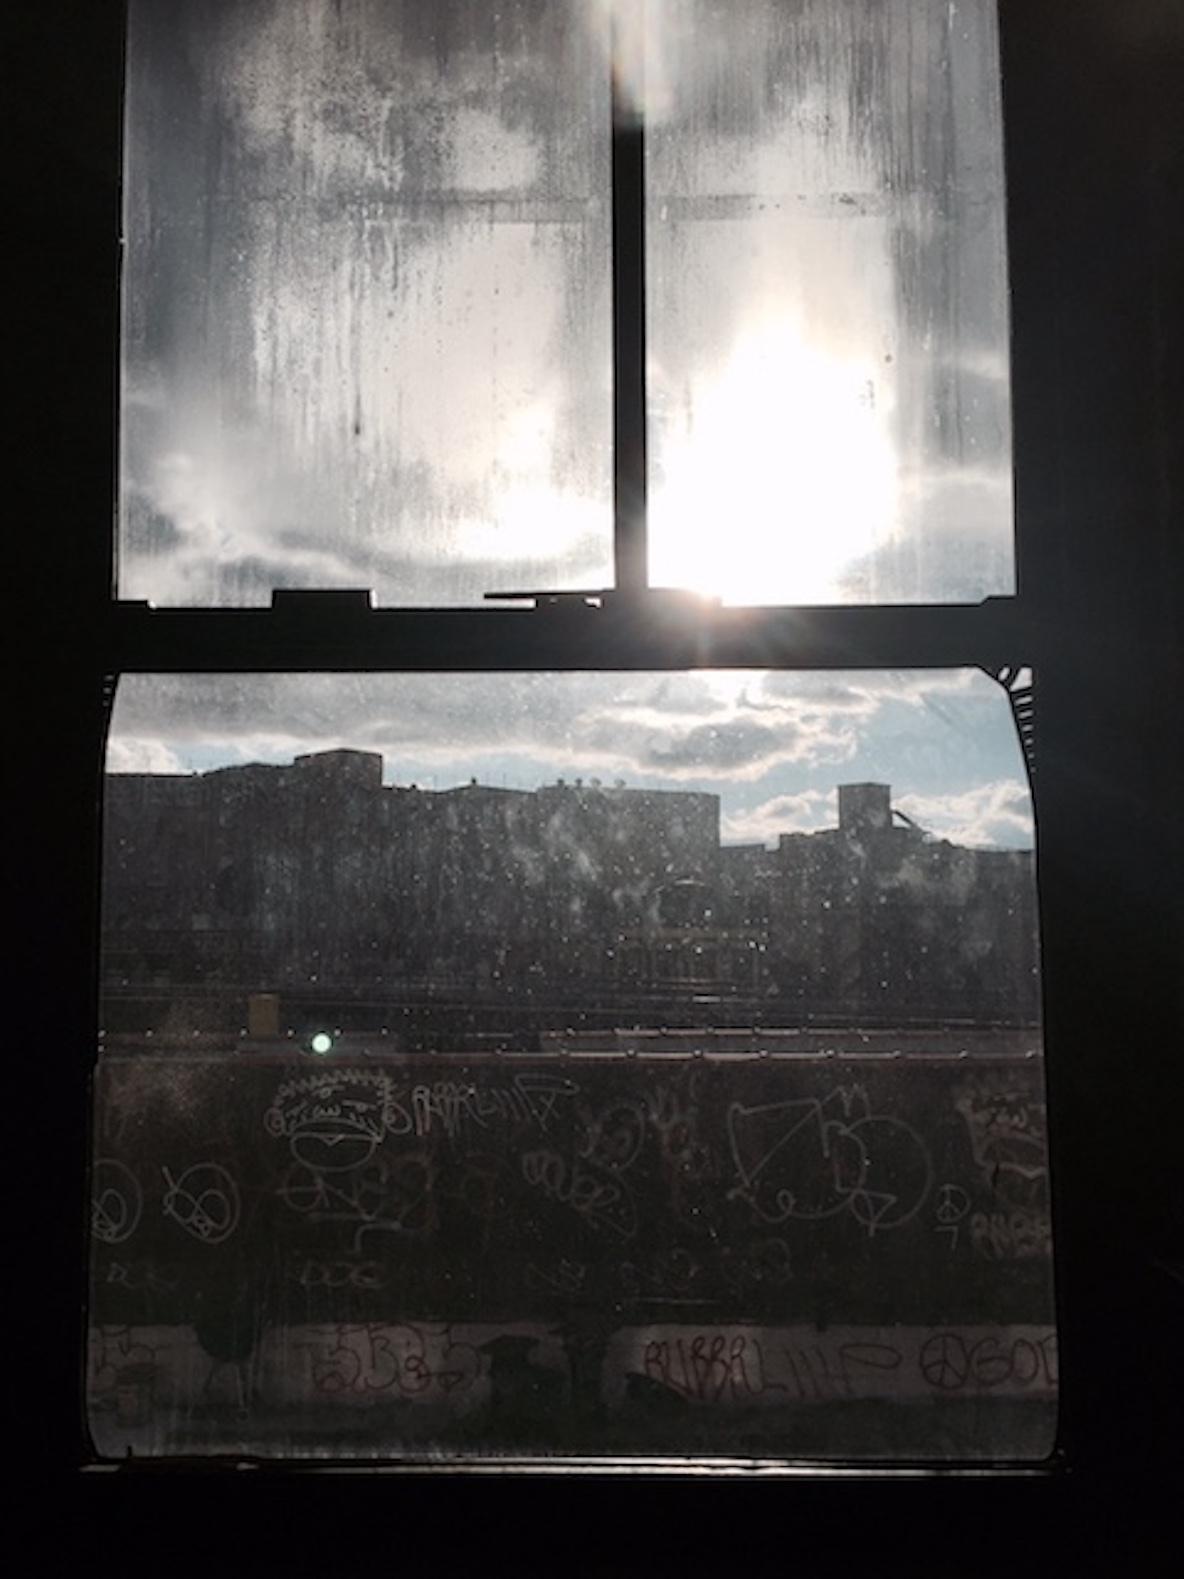 11人のアーティストが暮らす、ニューヨーク・ブルックリンのレトロなアパートメントからメトロが見える景色